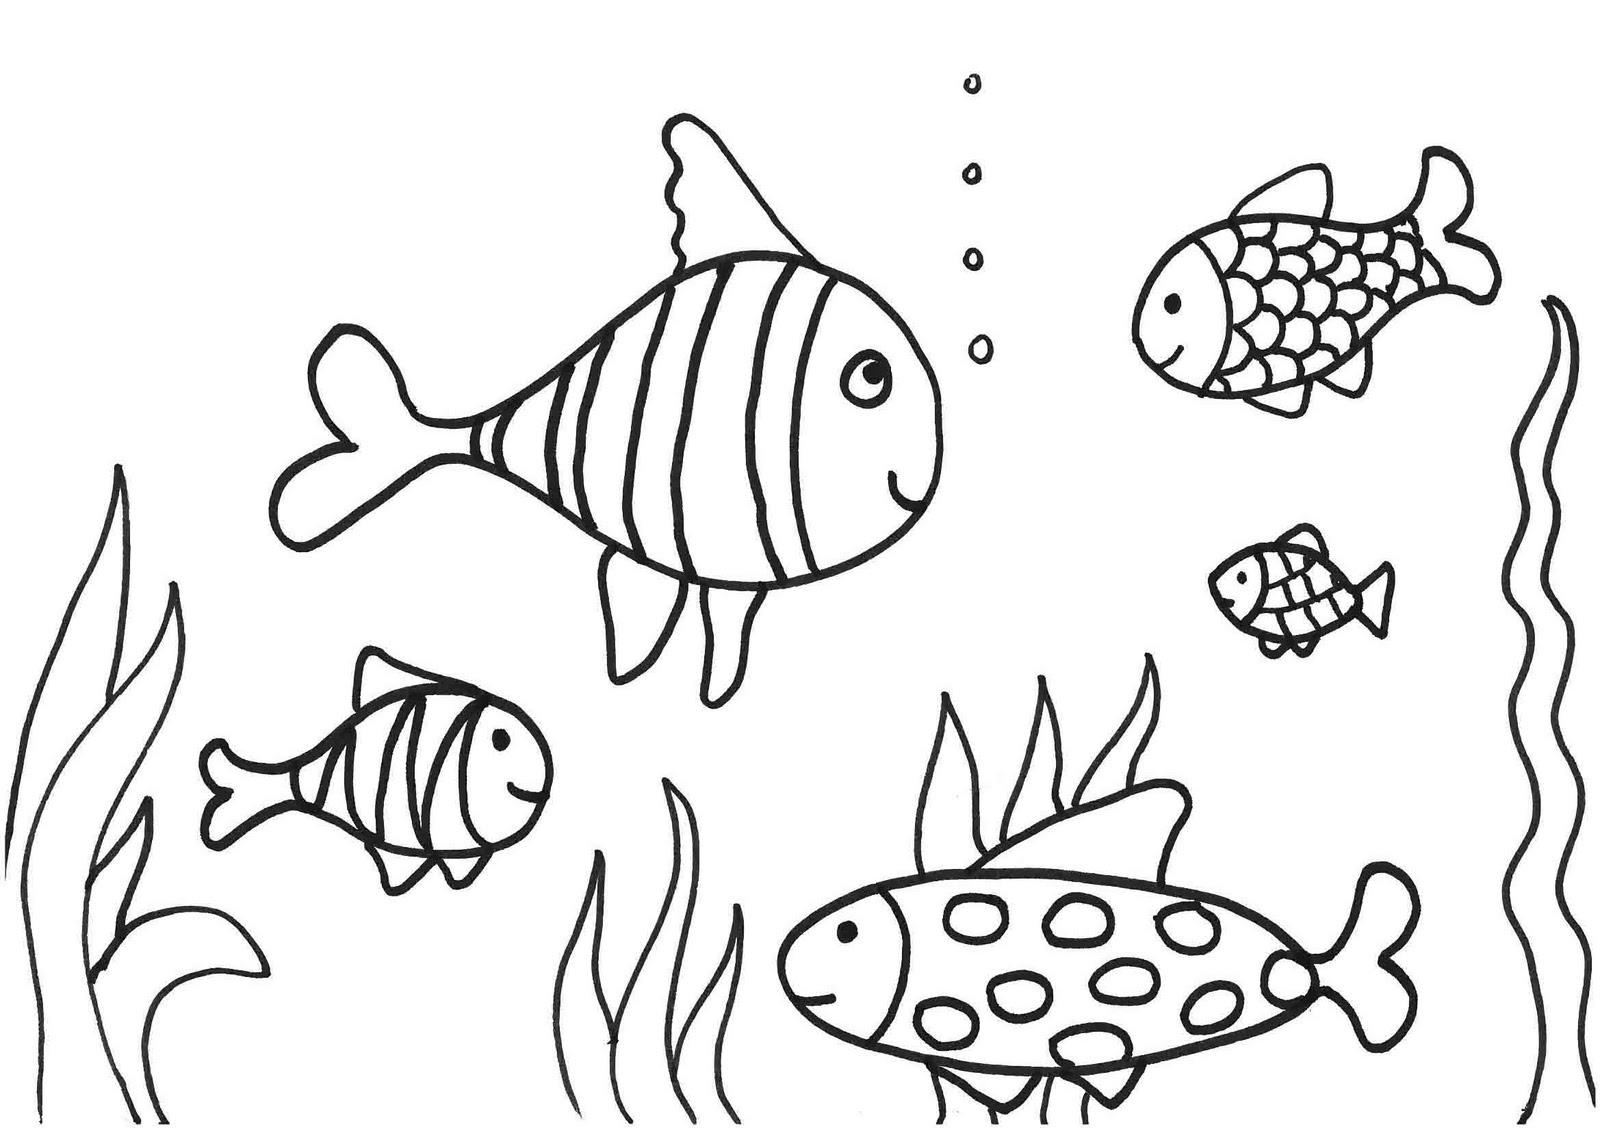 Imagenes Animadas Para Colorear: 106 Dibujos De Pescado Para Colorear